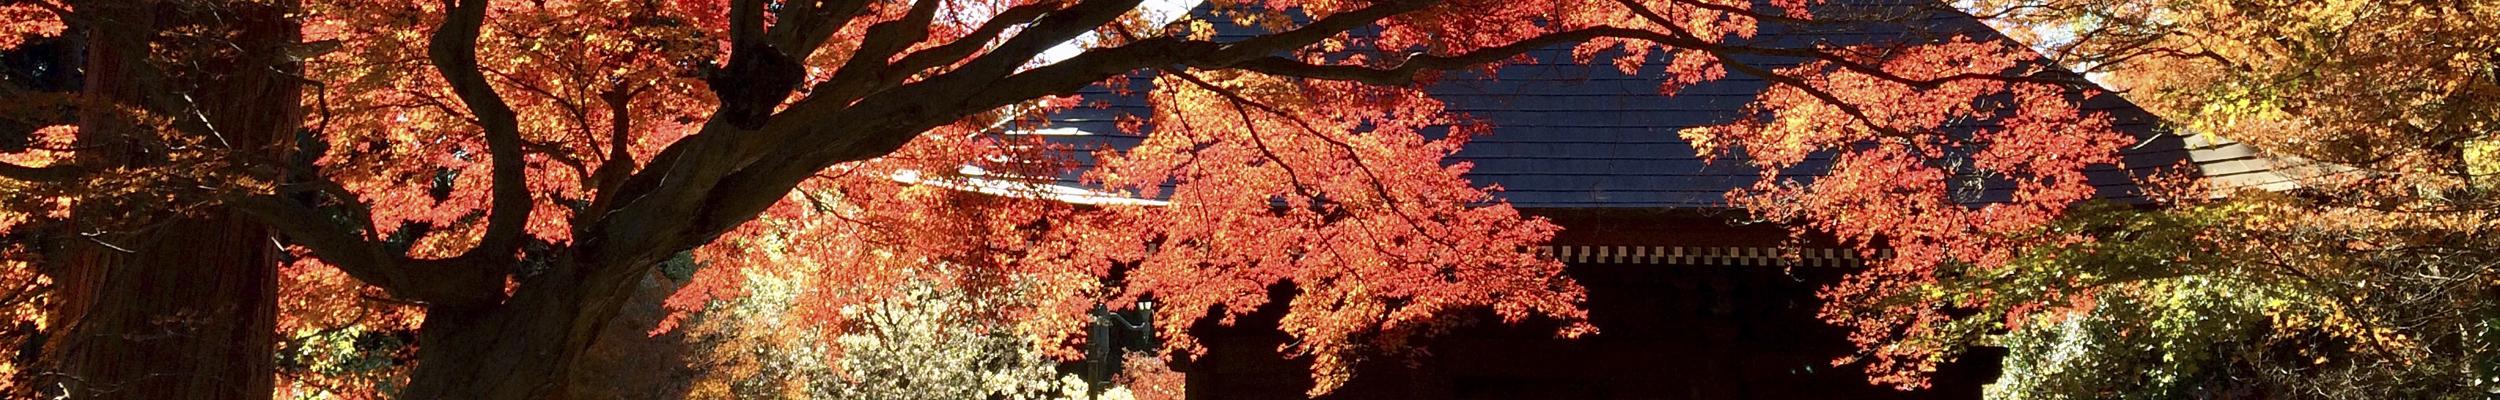 普門寺の紅葉